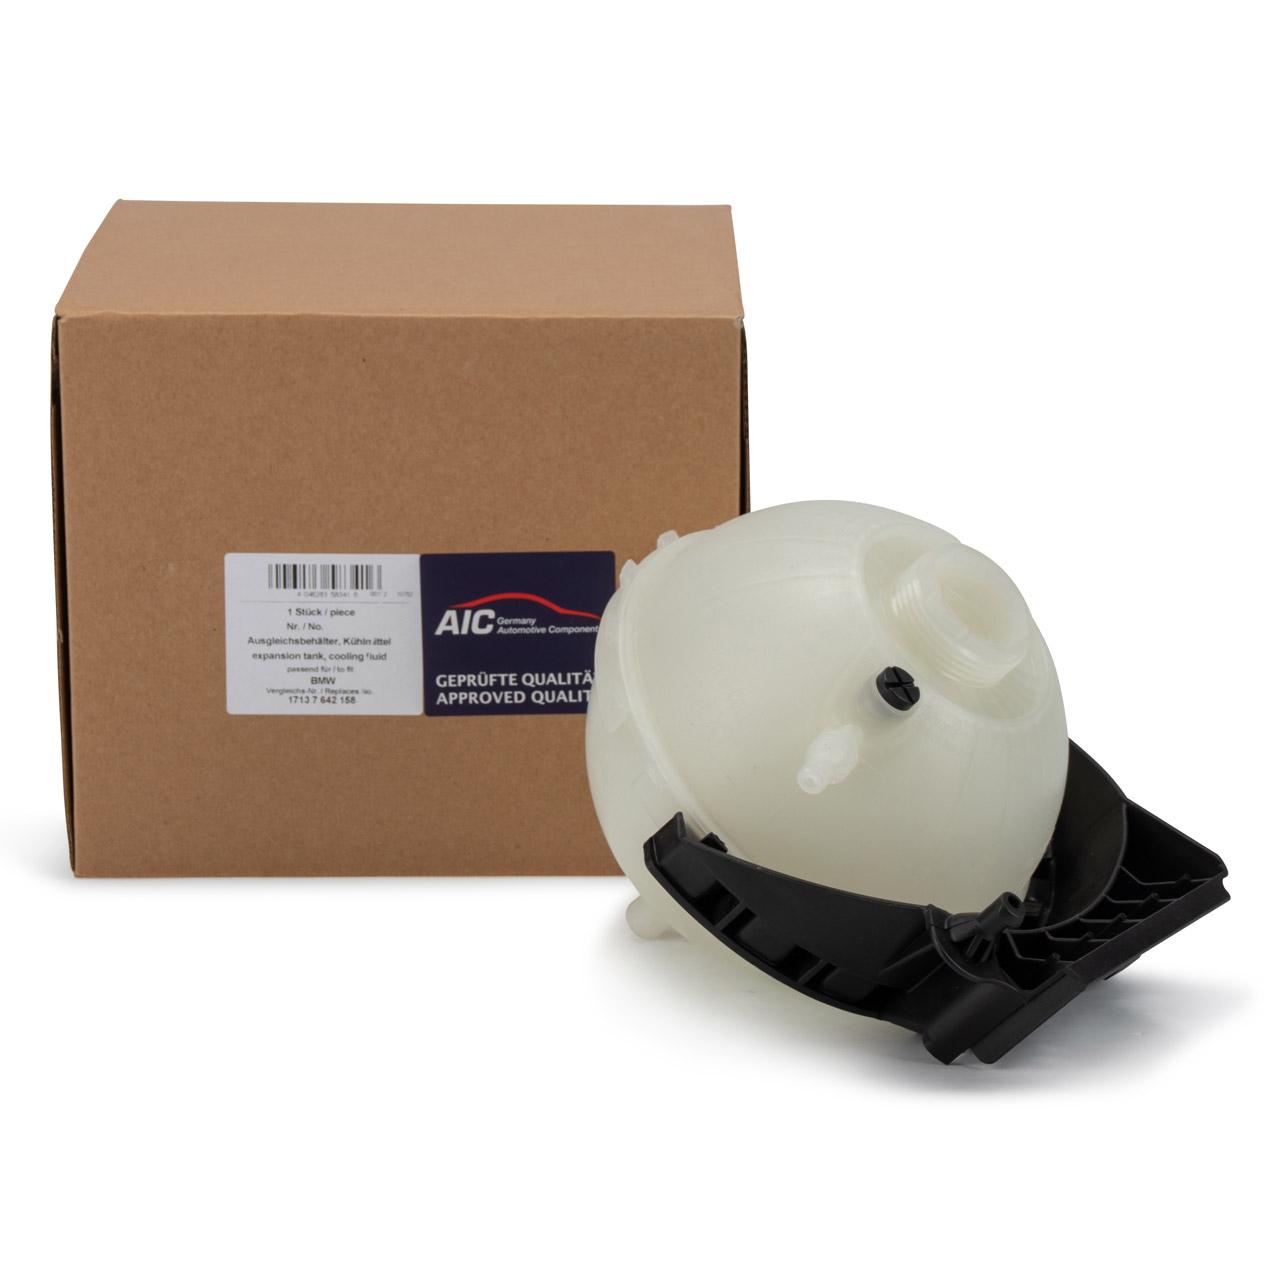 AIC Ausgleichsbehälter Kühlmittel + Sensor für BMW 1er F20 F21 3er F30 F31 F34 17137642158